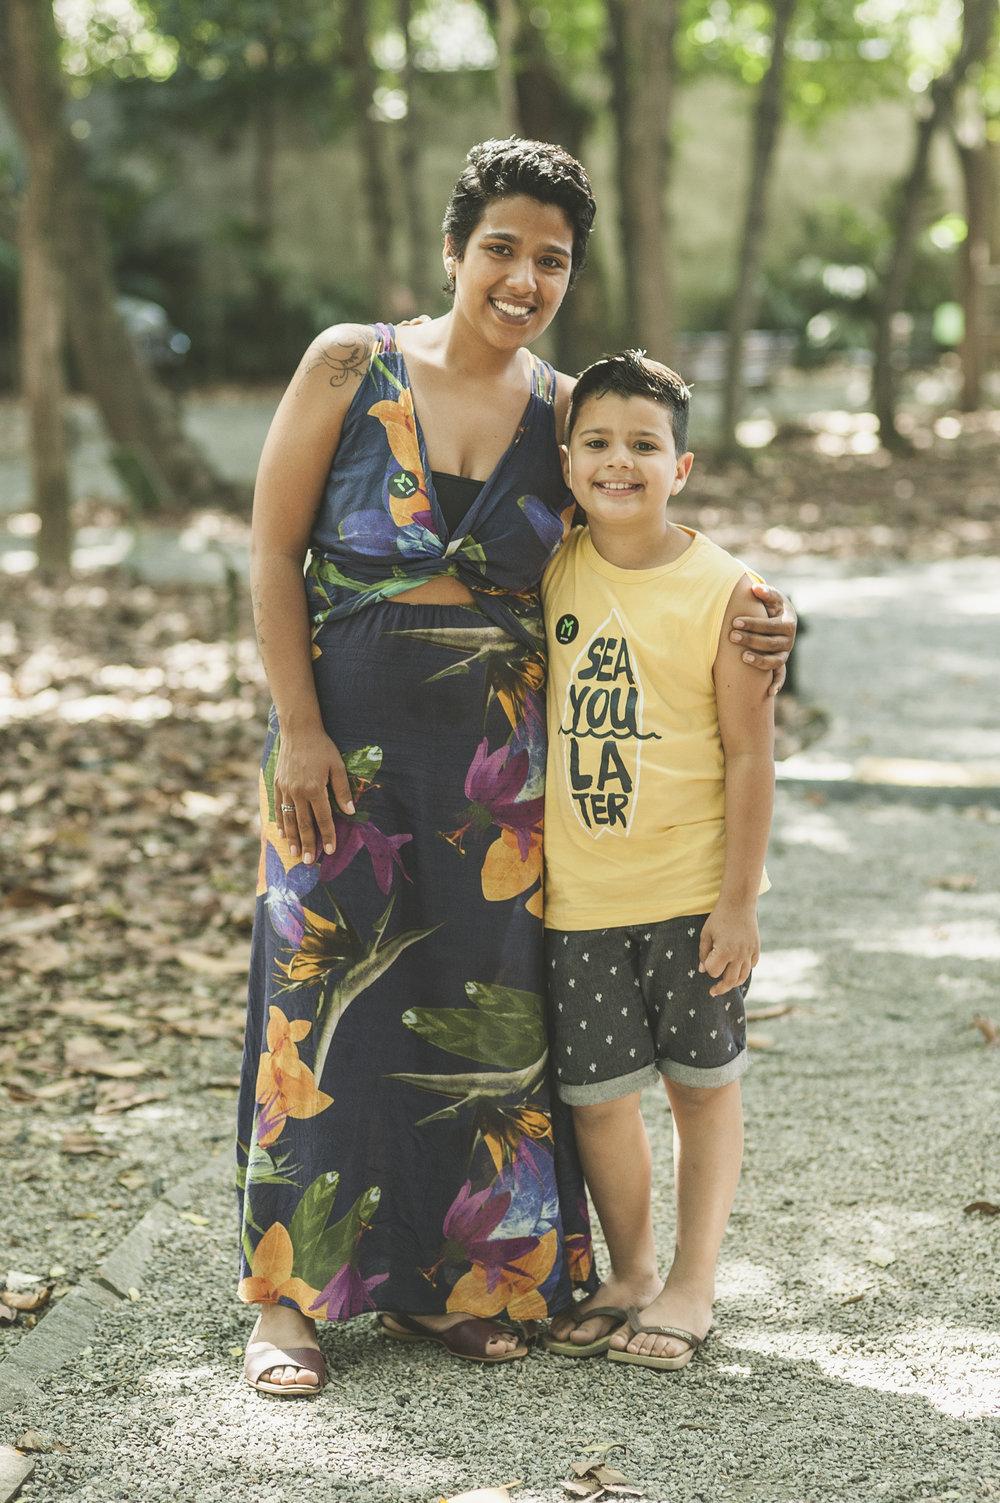 Ao lado da mãe Thaynan Dias, 26, Lorenzo Dias, 8, foi ao #ManualnoMCB ver de pertinho o trabalho dos amigos da Amoras, que levou delícias veganas e crudívoras à praça gastronômica do festival. Os dois aproveitaram o dia ainda a programação de shows e o parquinho com brinquedos Erê Lab.